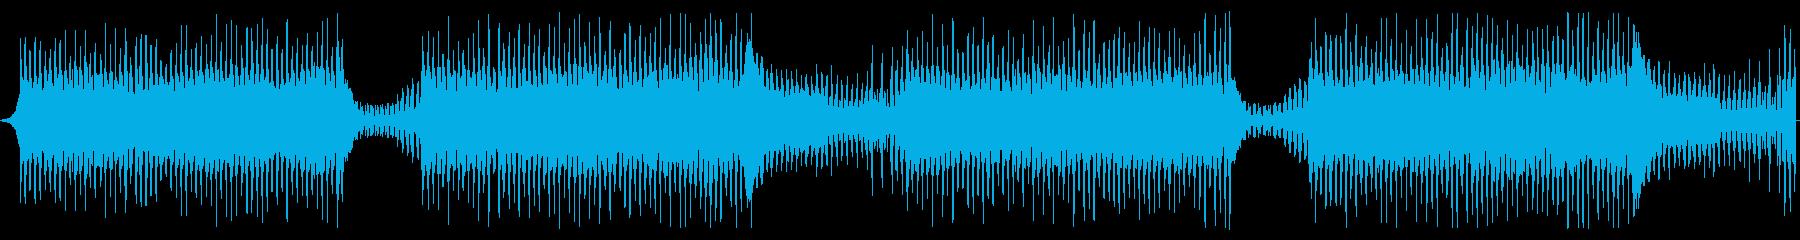 逃走中や追跡中の疾走感のあるBGMの再生済みの波形